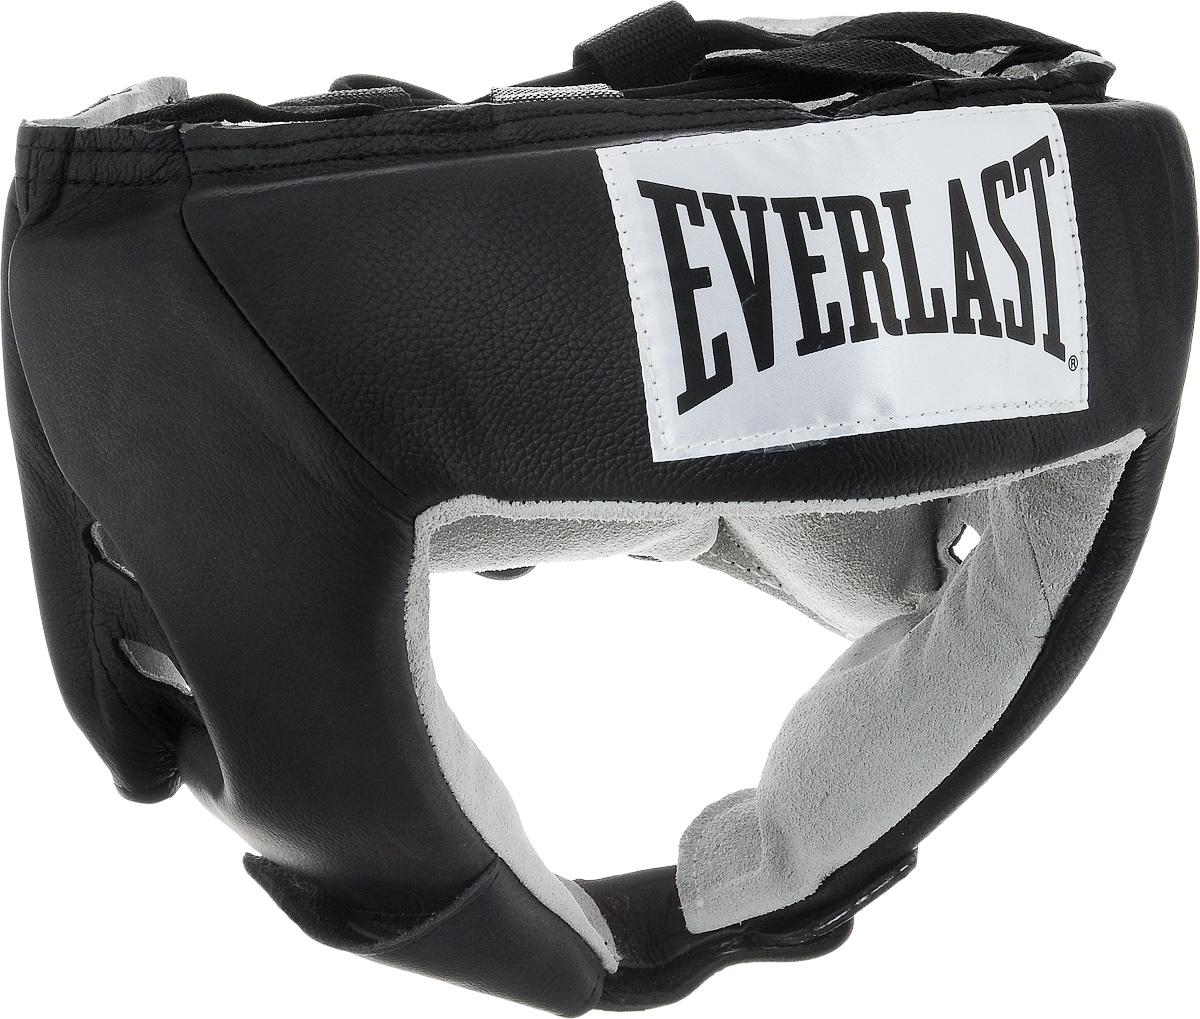 Шлем боксерский Everlast USA Boxing, цвет: черный, белый. Размер XLПояс УТ-0000Everlast USA Boxing - боксерский шлем, разработанный для выступления на любительских соревнованиях и одобренный ассоциацией USA Boxing. Плотный четырехслойный пенный наполнитель превосходно амортизирует удары и значительно снижает риск травмы. Качественная натуральная кожа (снаружи) и не менее качественная замша (внутри) обеспечивают значительный запас прочности и отличную износоустойчивость. Подгонка под необходимый размер и фиксация на голове происходят за счет затягивающихся шнурков.Если вы еще ищите шлем для предстоящих соревнований, то Everlast USA Boxing - это ваш выбор!Диаметр головы: 21 см.